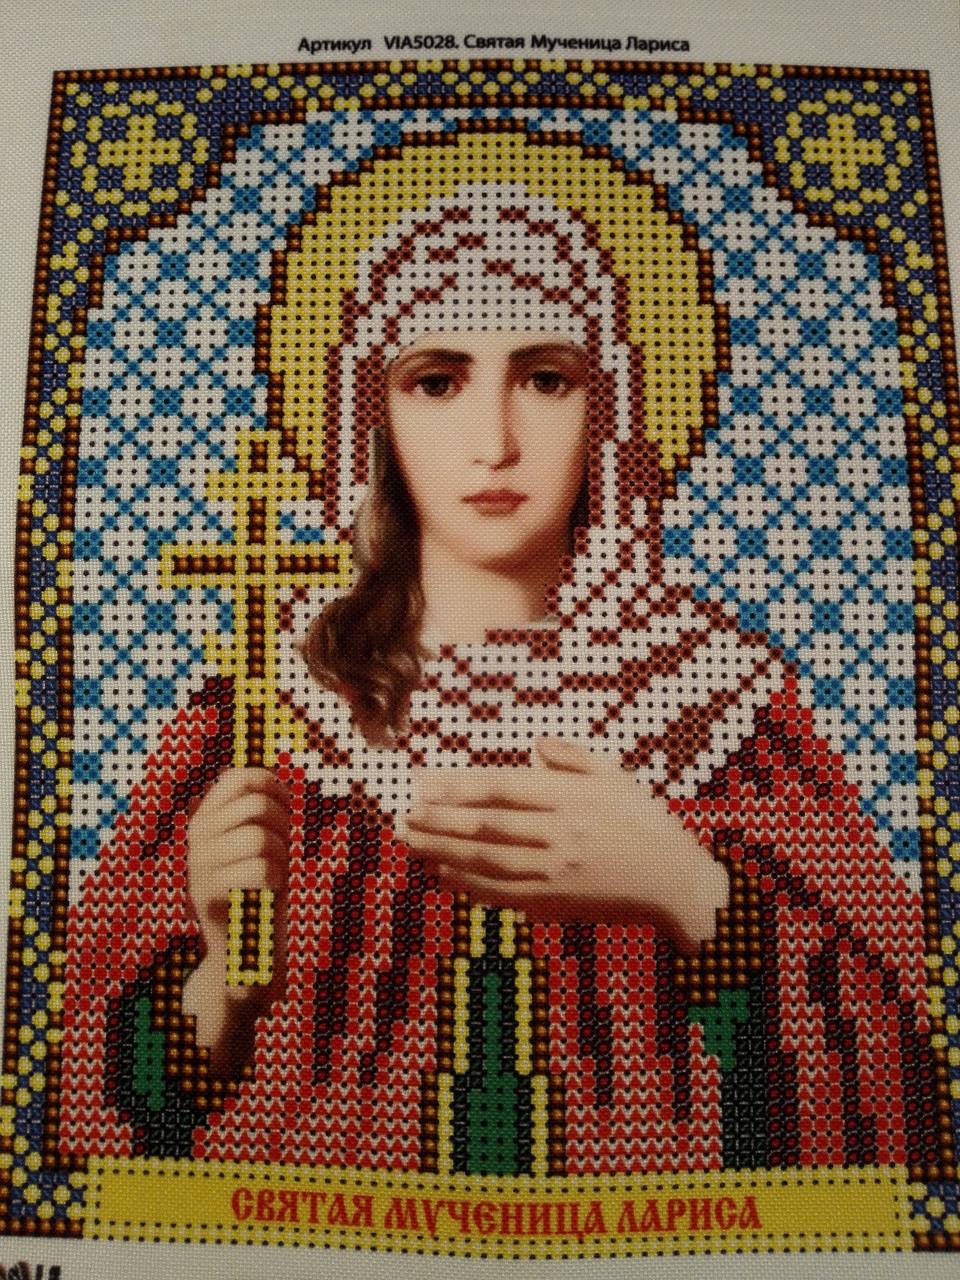 Набор для вышивки бисером икона Святая Мученица Лариса VIA 5028